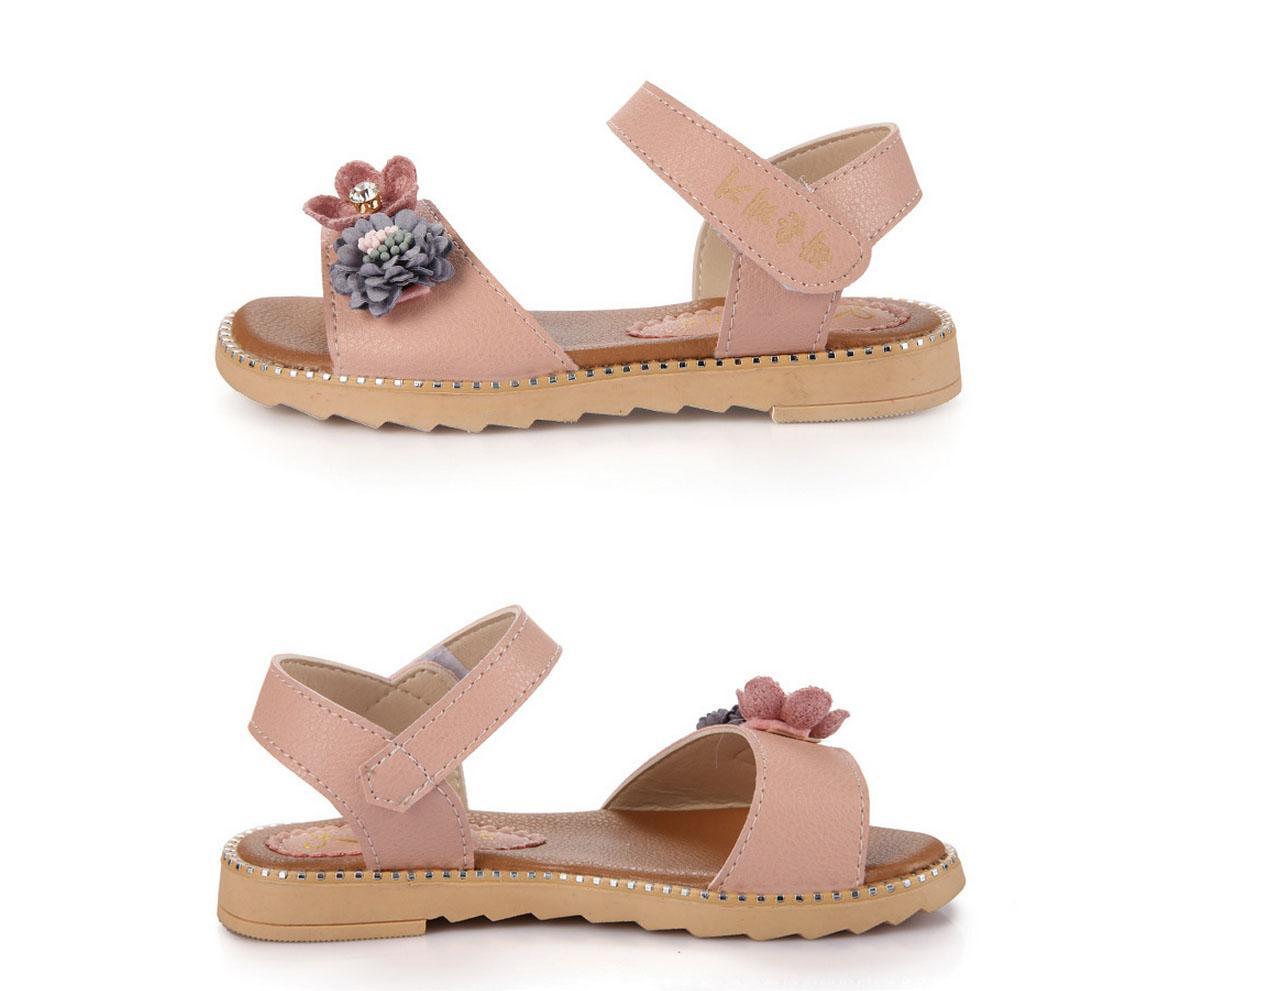 Hình ảnh sandal cho bé gái đi học chống trượt HQ-02 phong cách hàn quốc